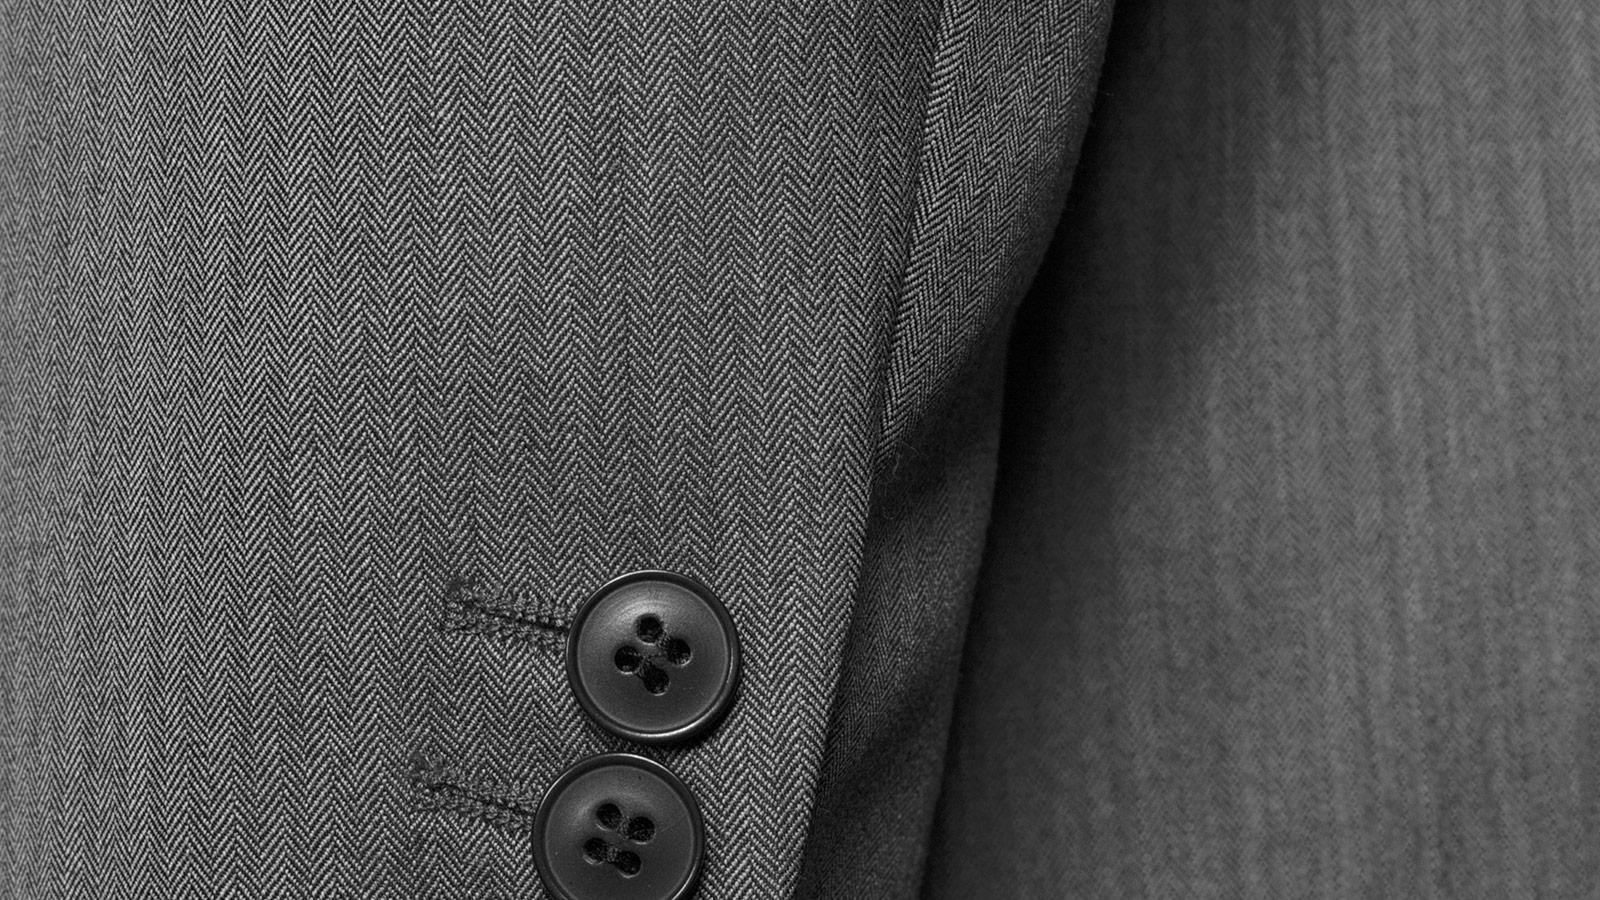 Vendetta Premium Grey Herringbone Suit - slider image 1